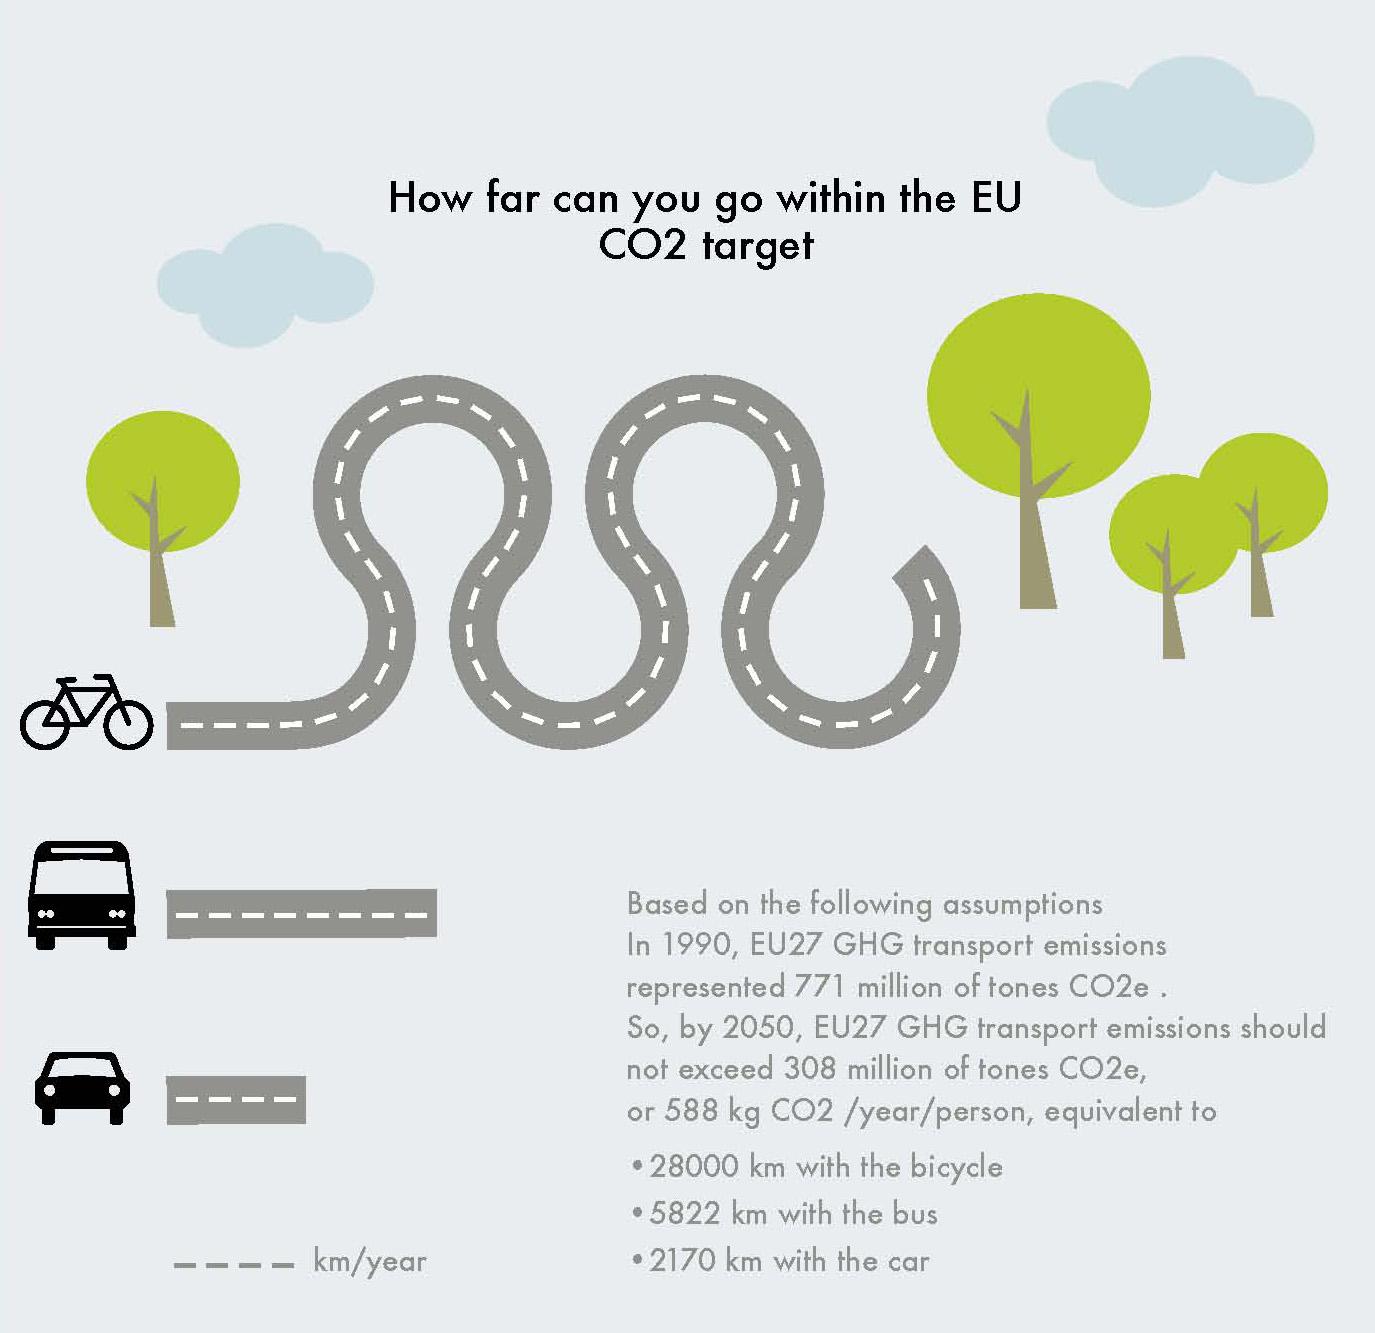 ขี่จักรยานให้บ่อยขึ้นเพื่อทำให้โลกเย็นลง